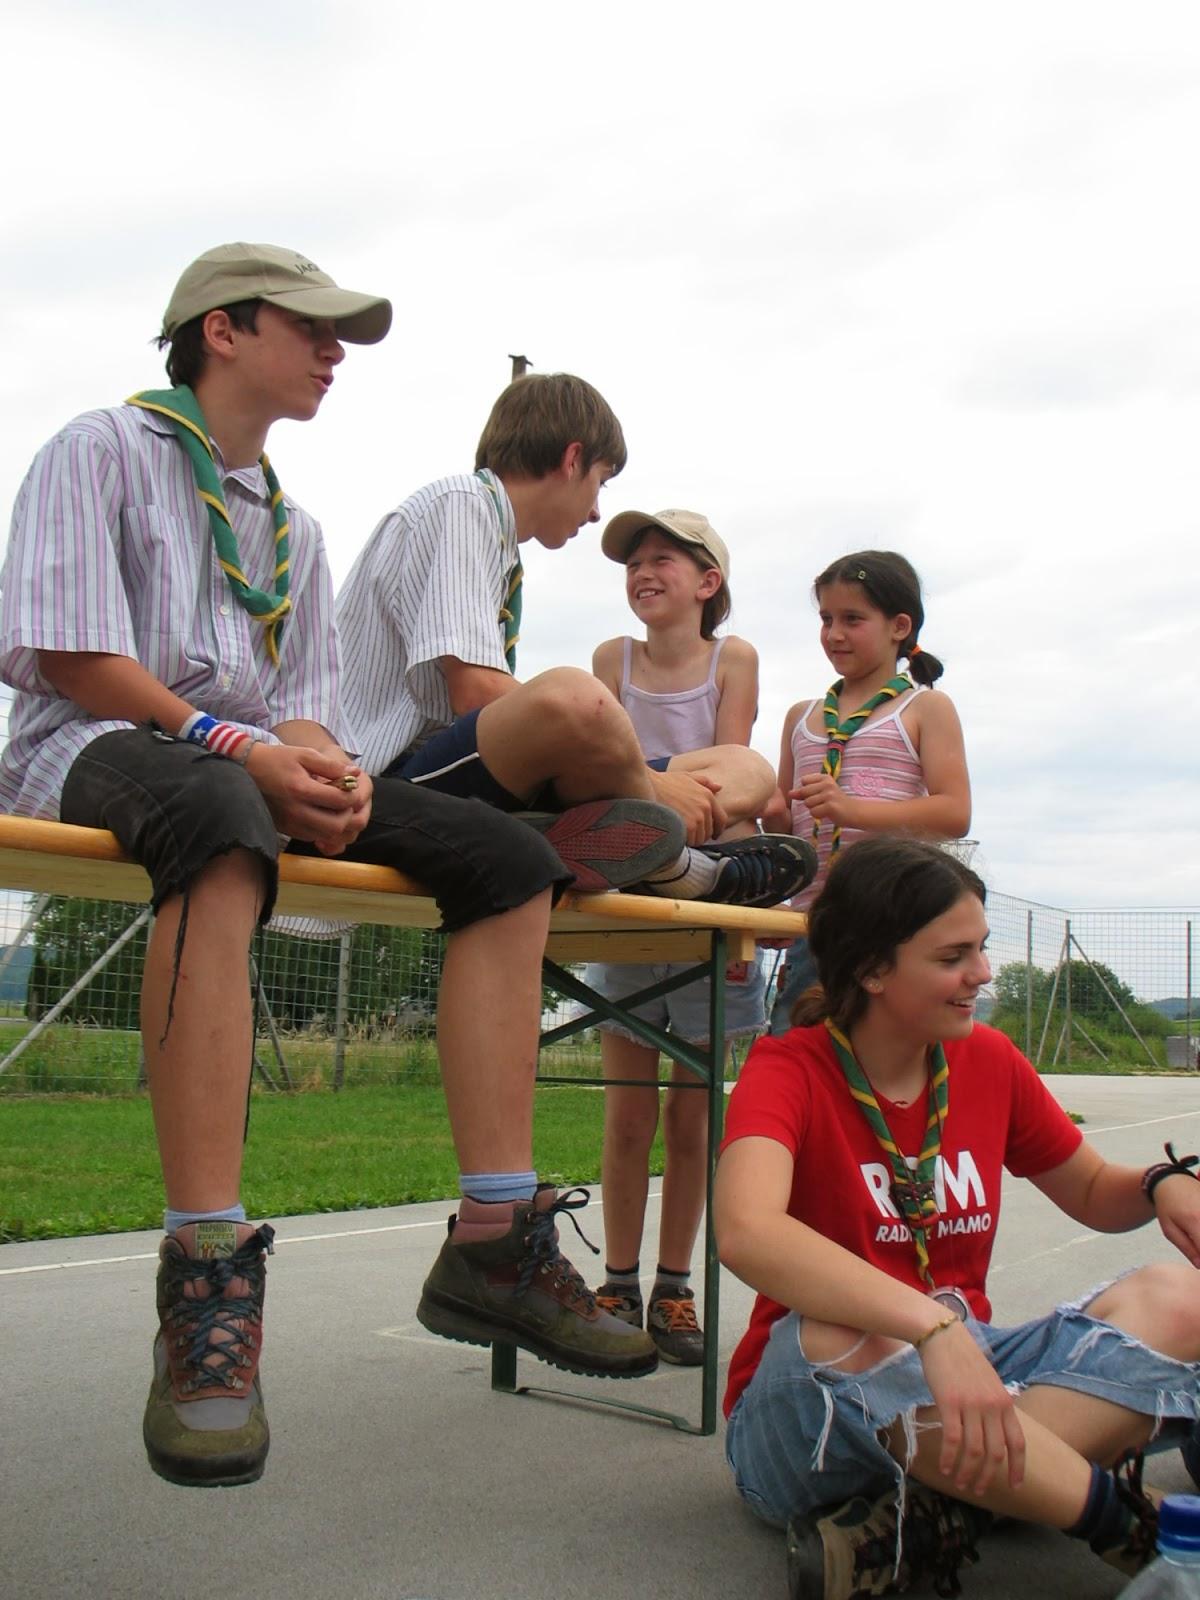 Državni mnogoboj, Slovenska Bistrica 2005 - Mnogoboj%2B2005%2B016.jpg